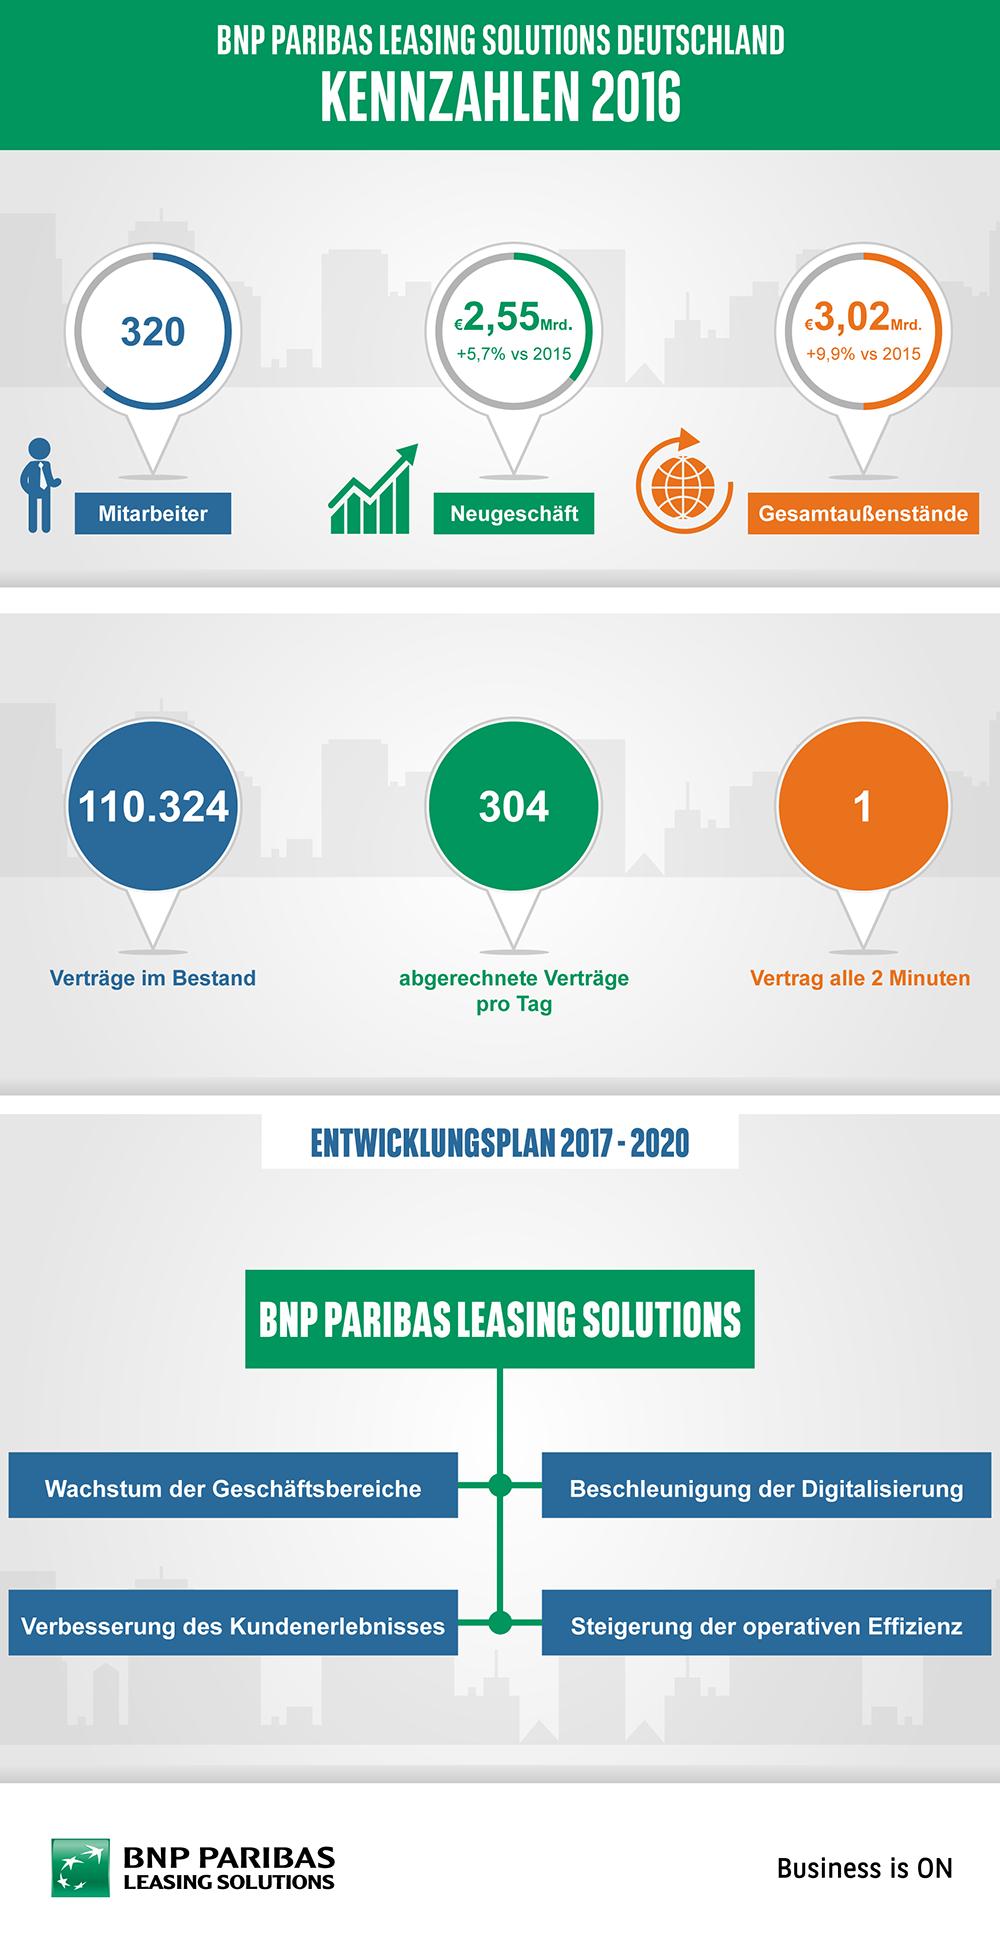 Kennzahlen_2016_BNP Paribas Leasing Solutions Deutschland